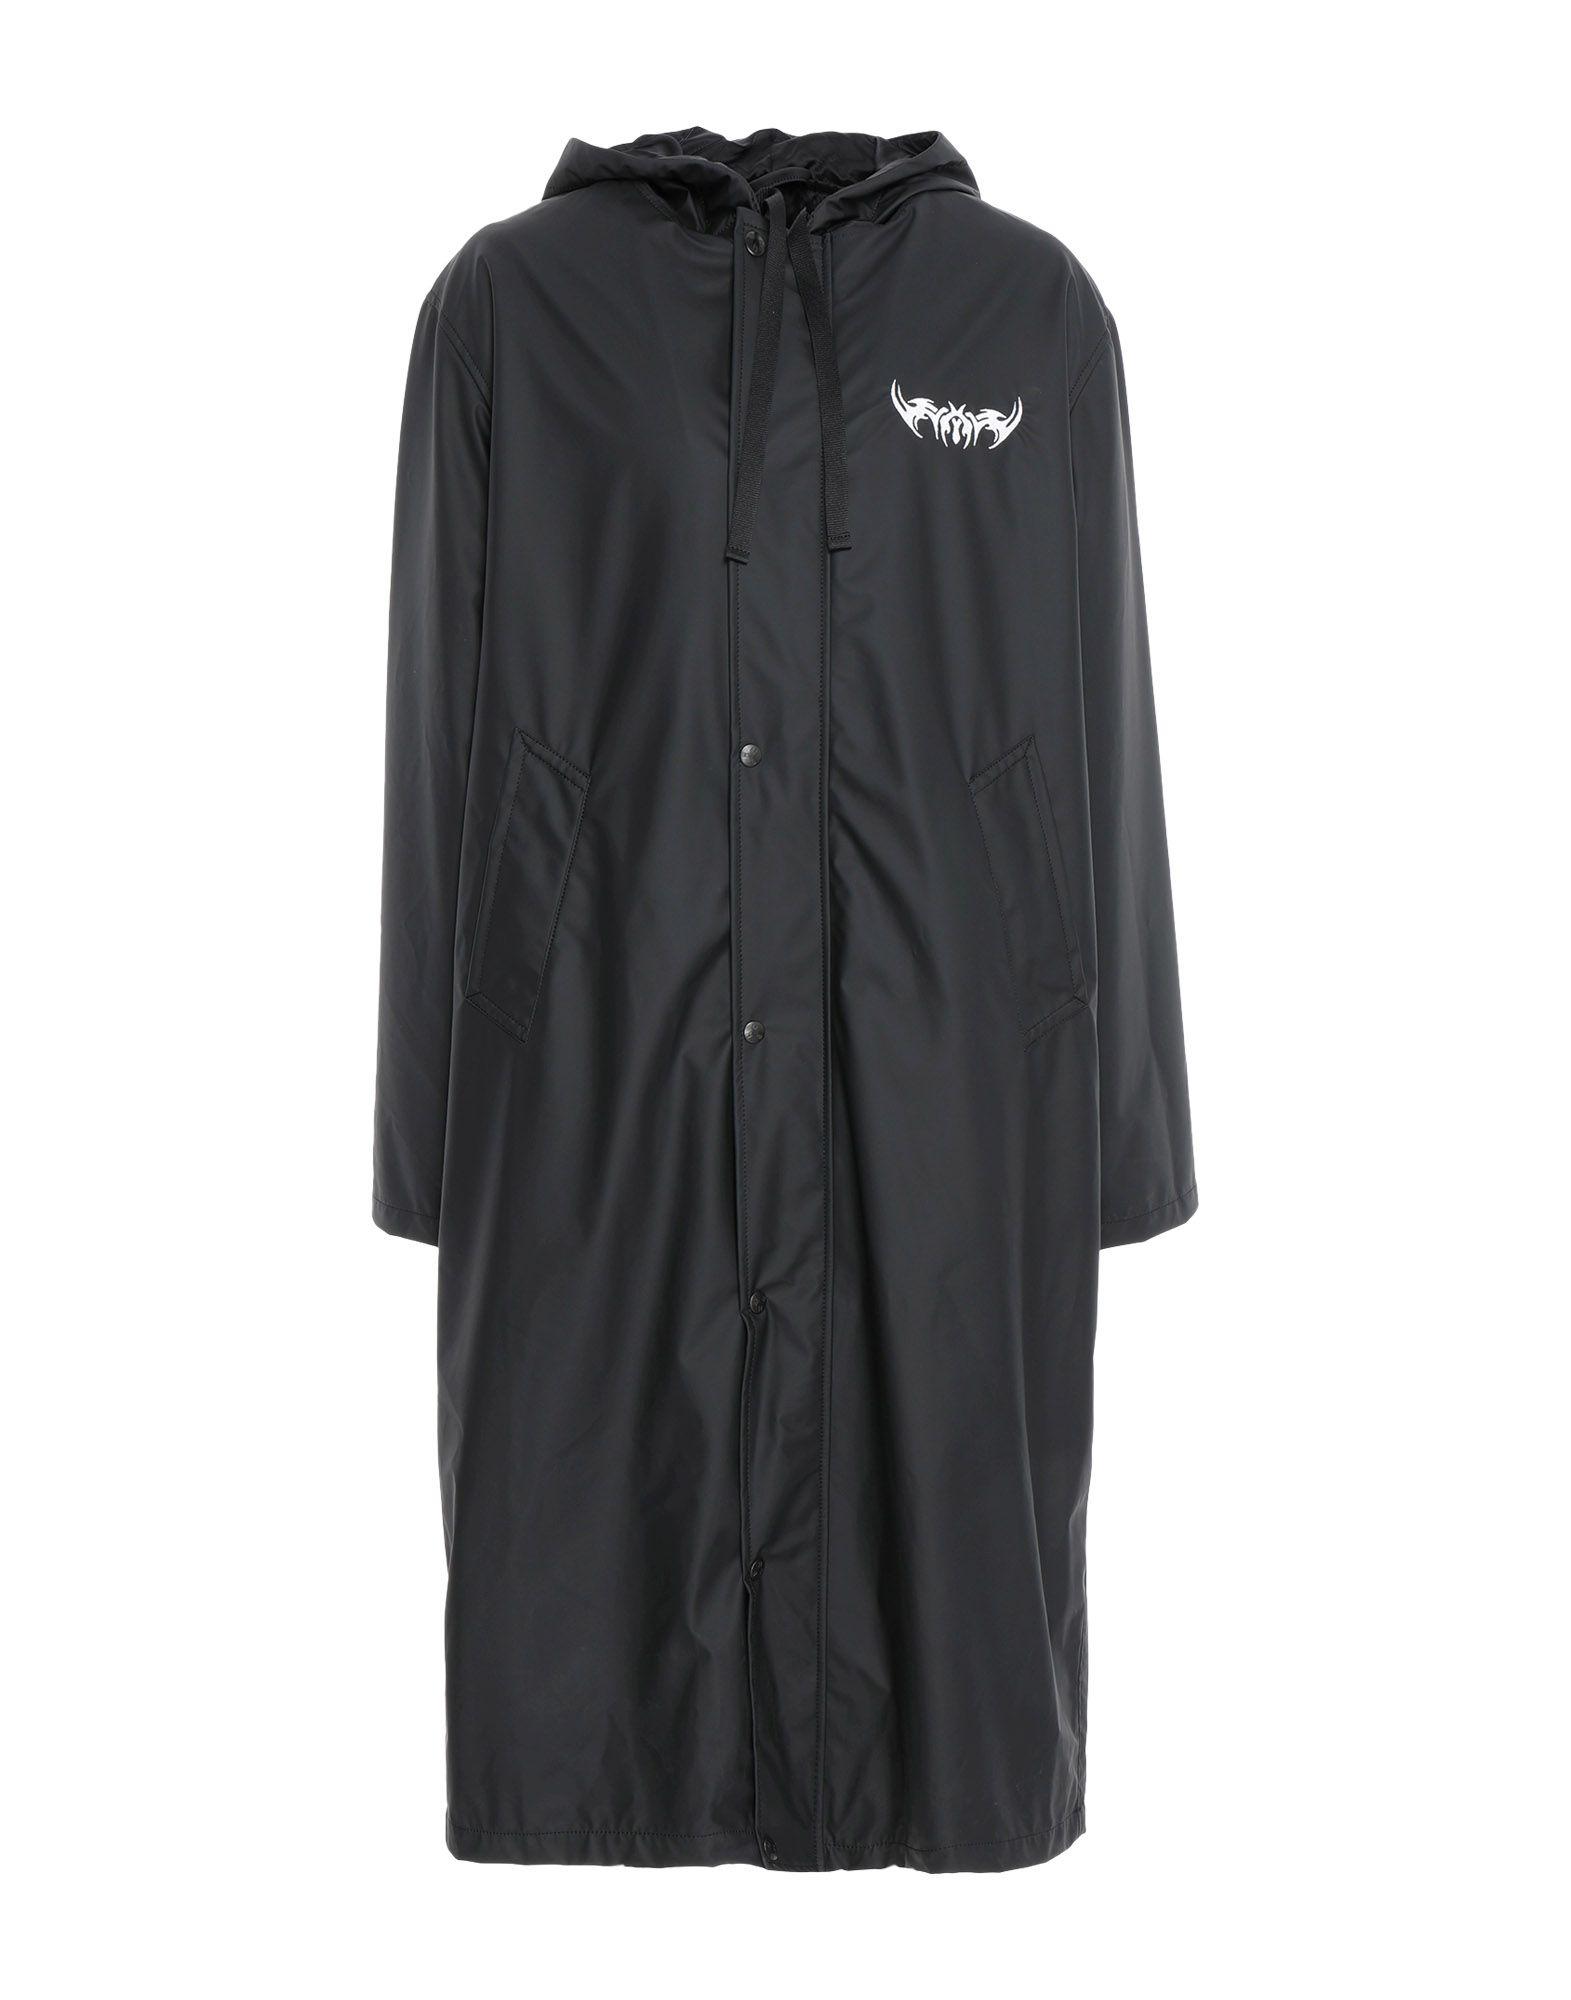 Misbhv Coats Coat